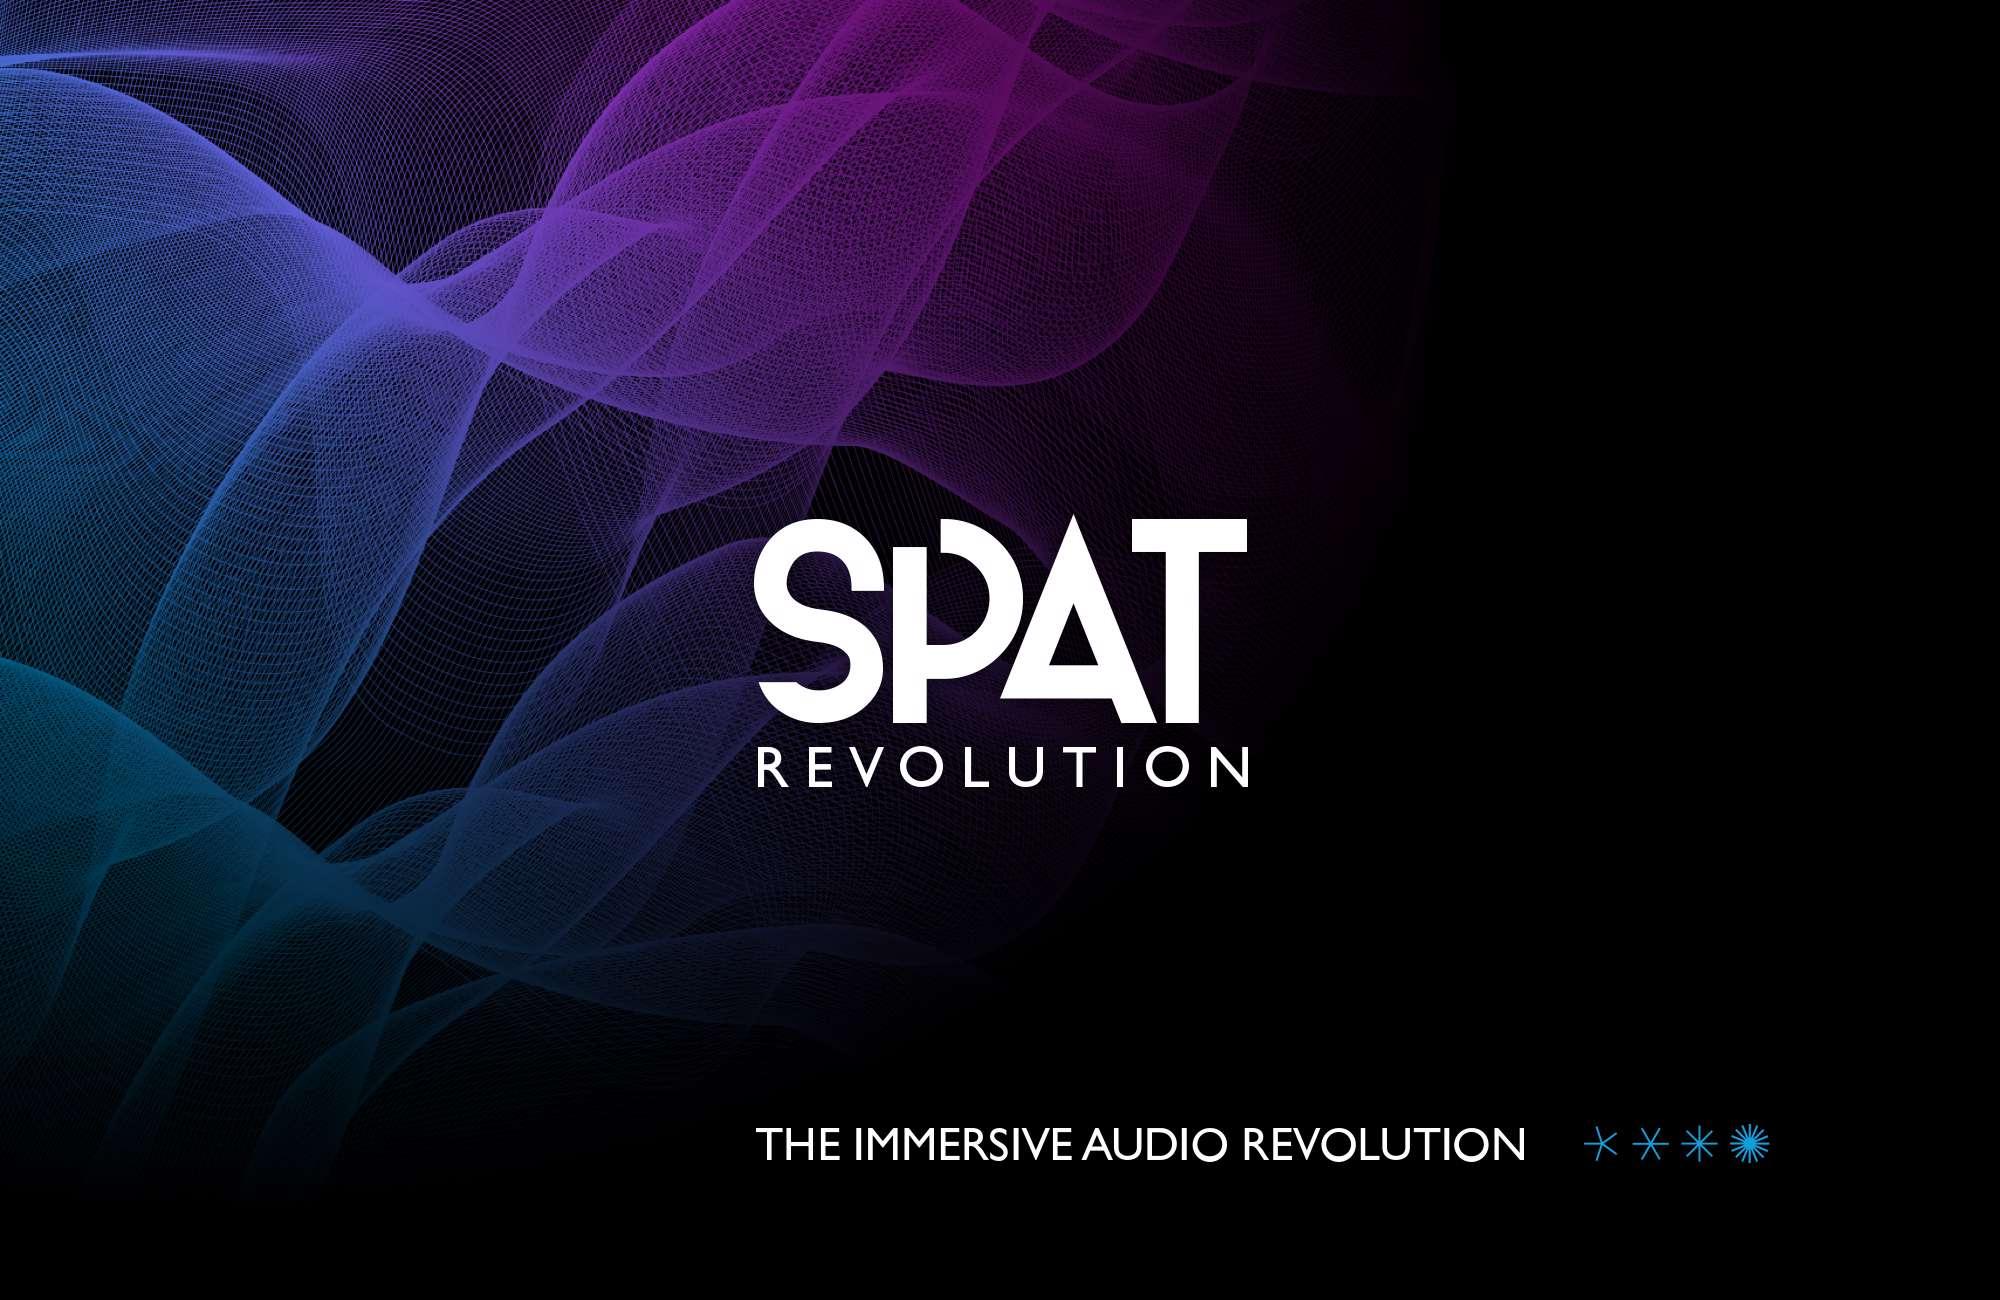 دانلود برنامه میکس سه بعدی صدا Flux Spat Revolution 1.0.0.47251 برای رایانه